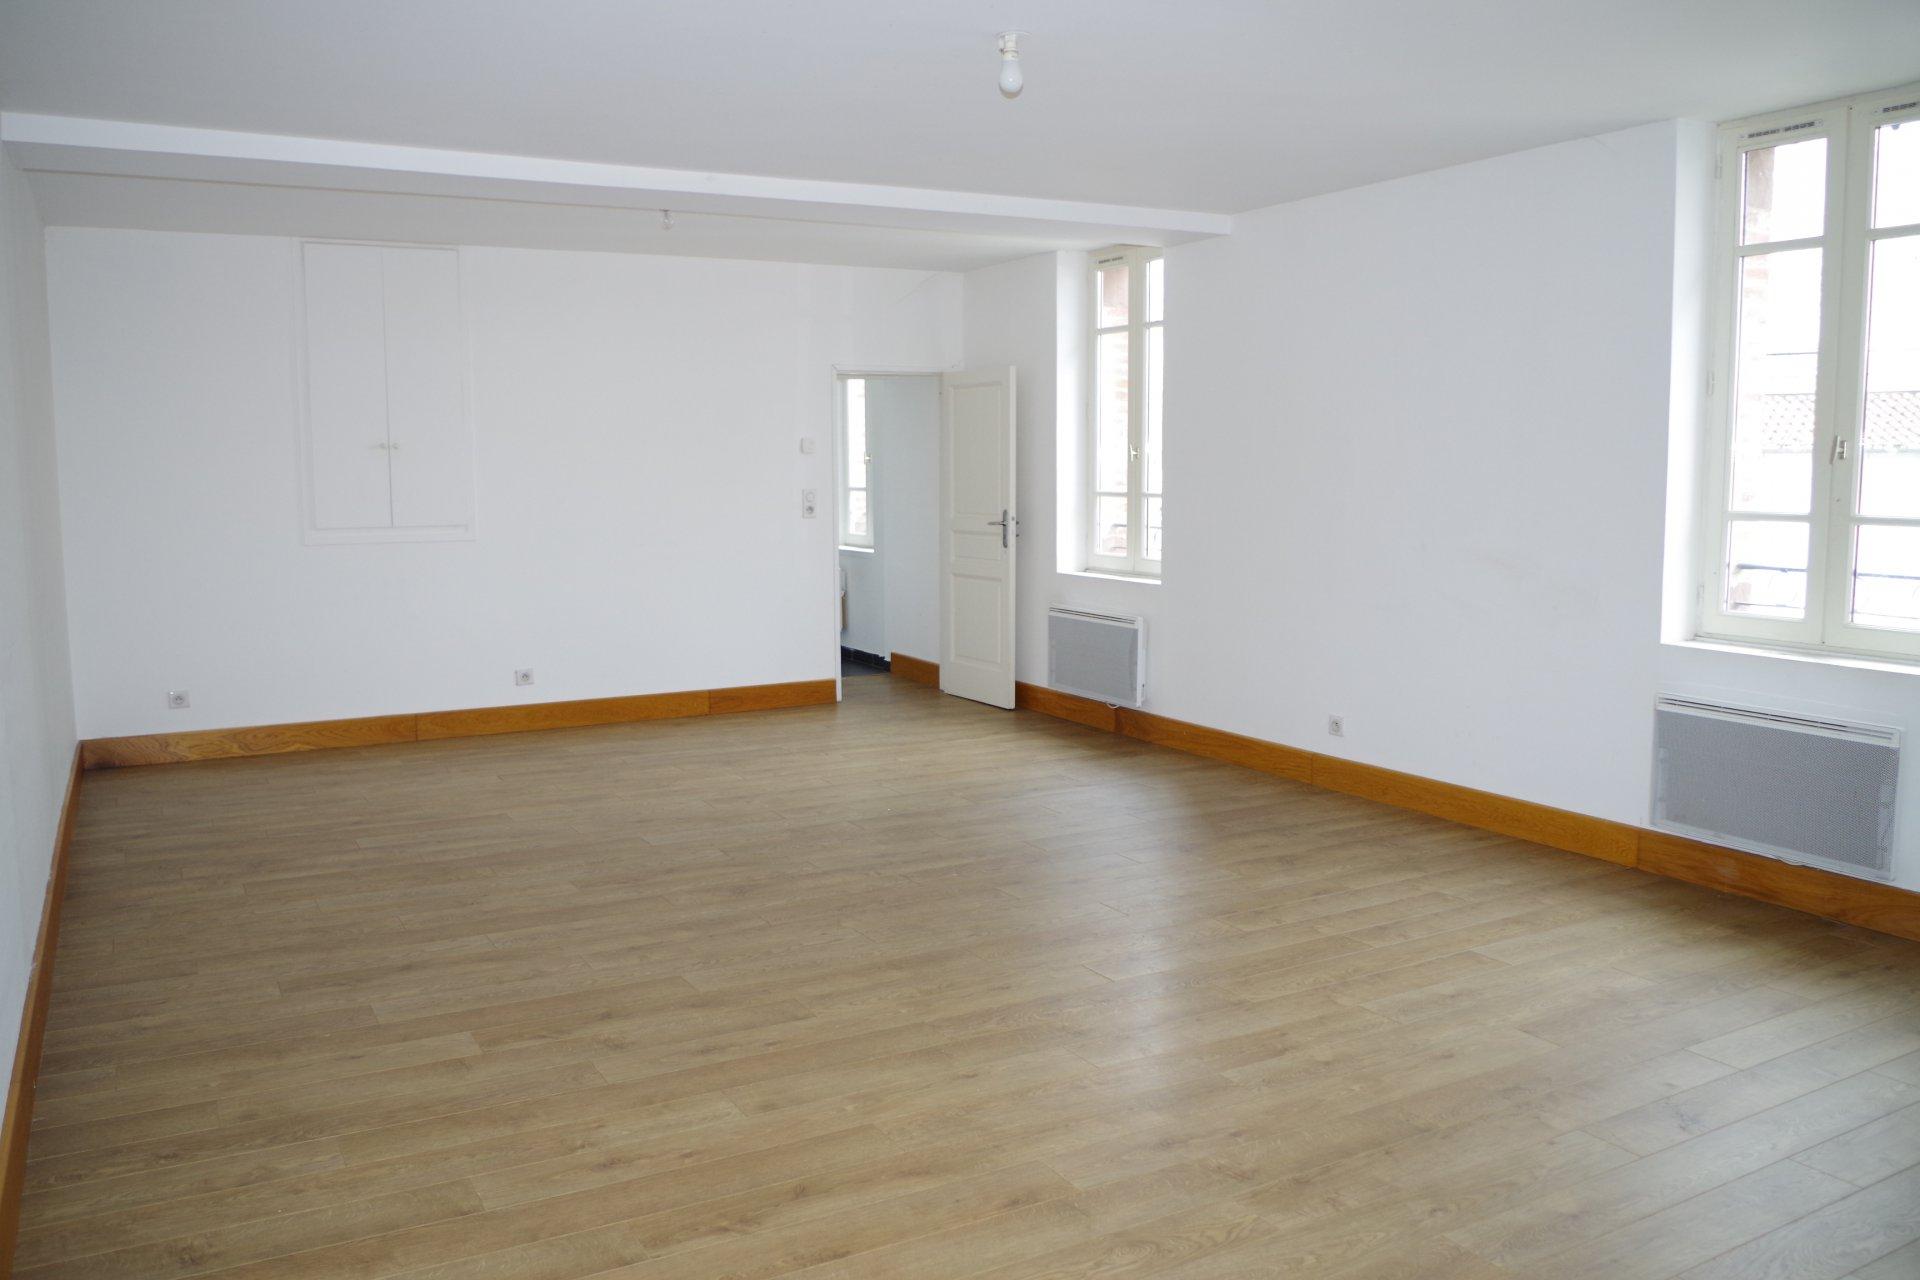 Appartement T2 - 63 m² - ALBI CENTRE HISTORIQUE